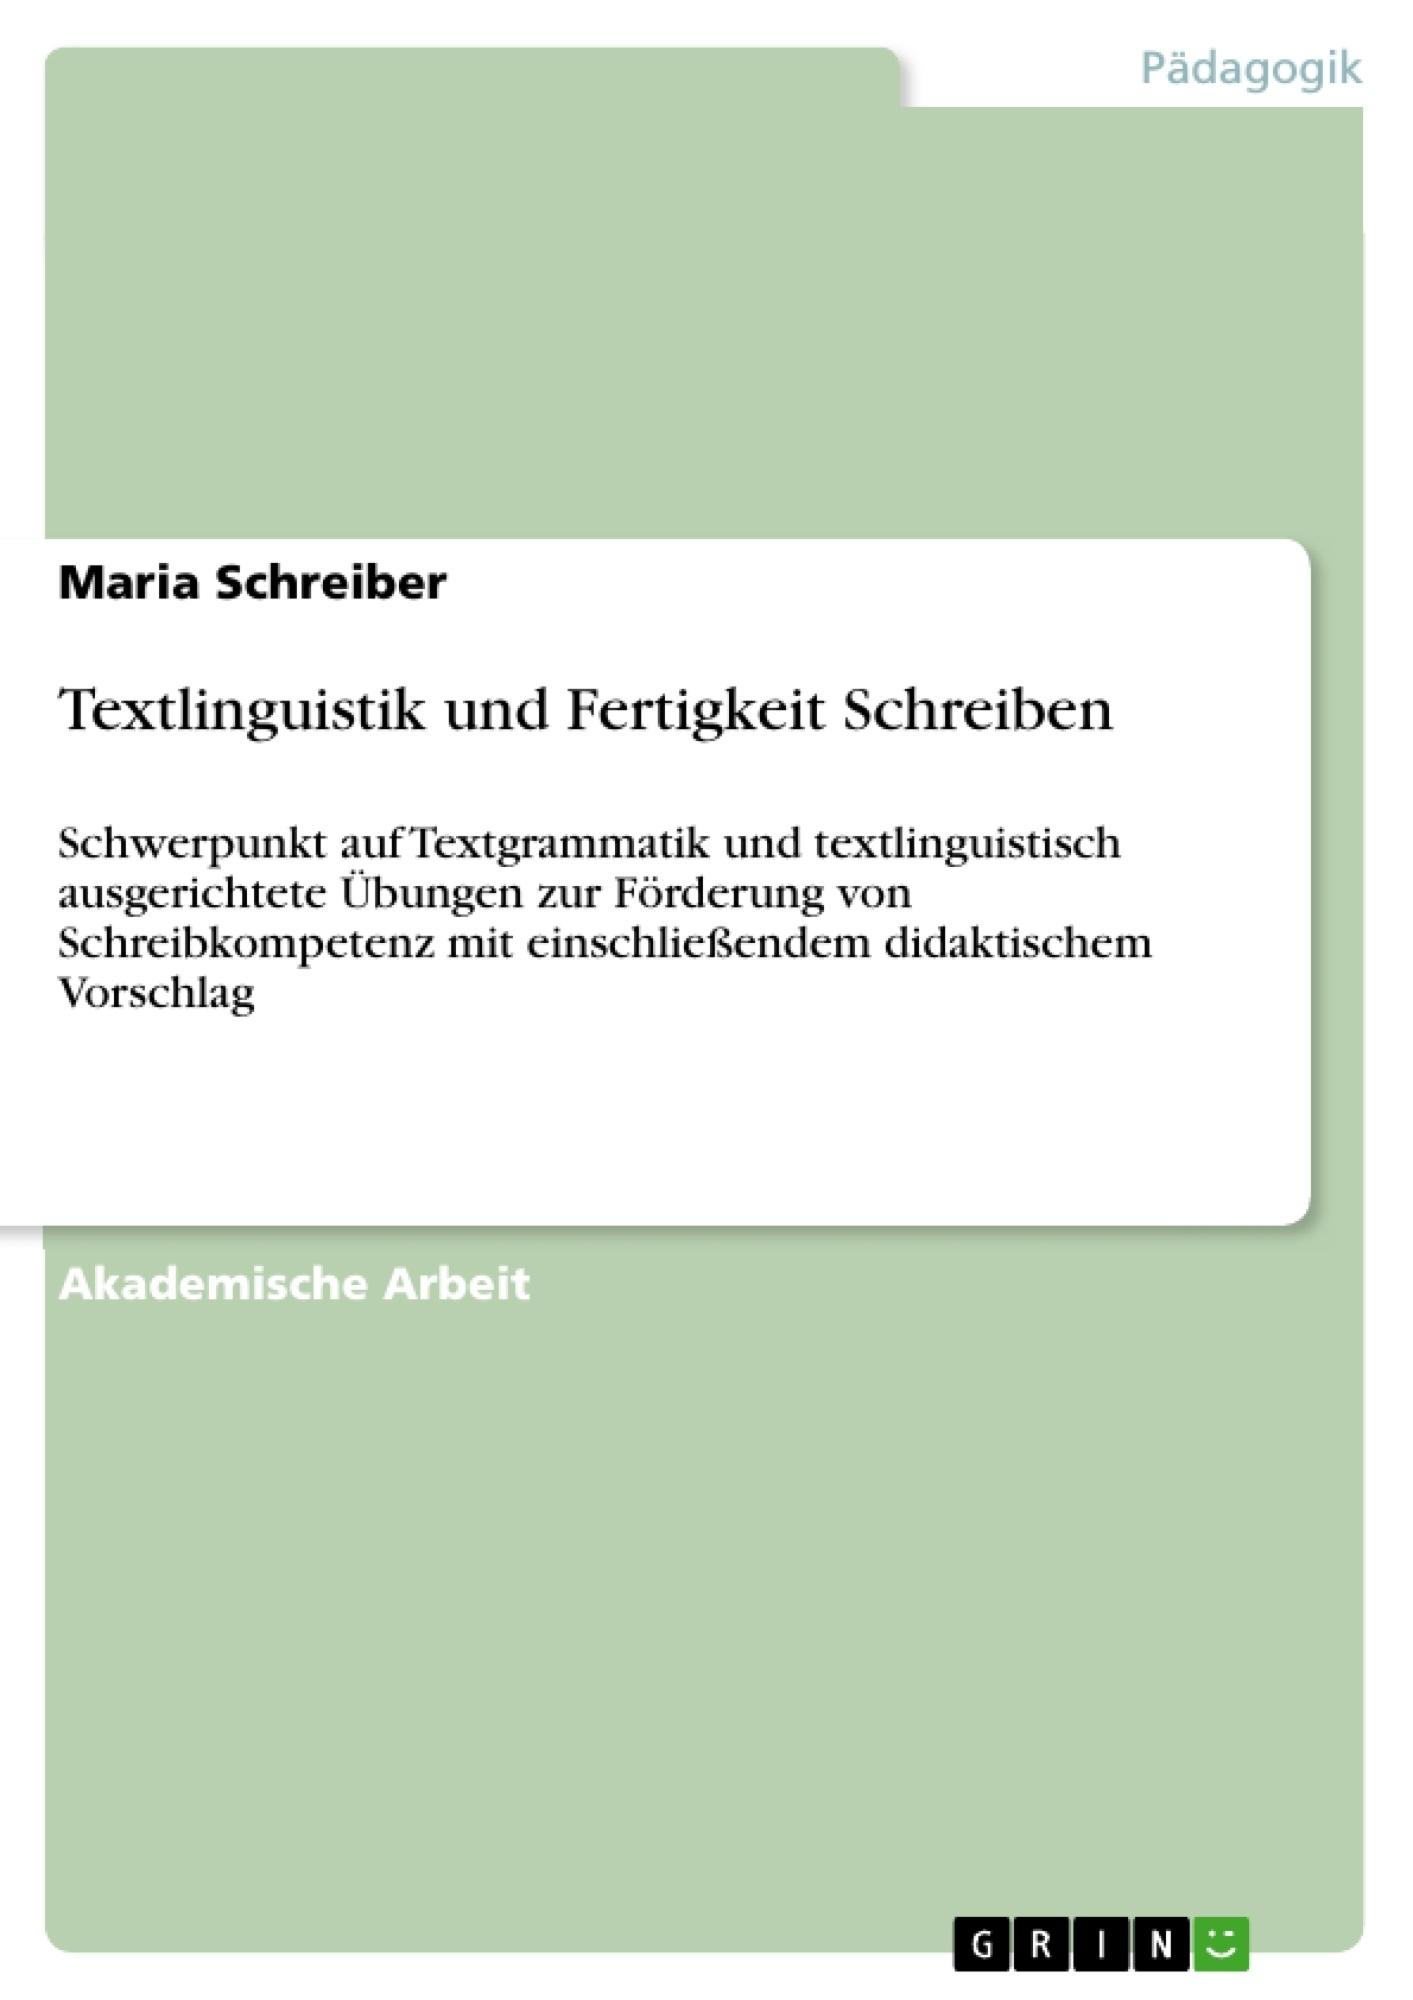 Titel: Textlinguistik und Fertigkeit Schreiben